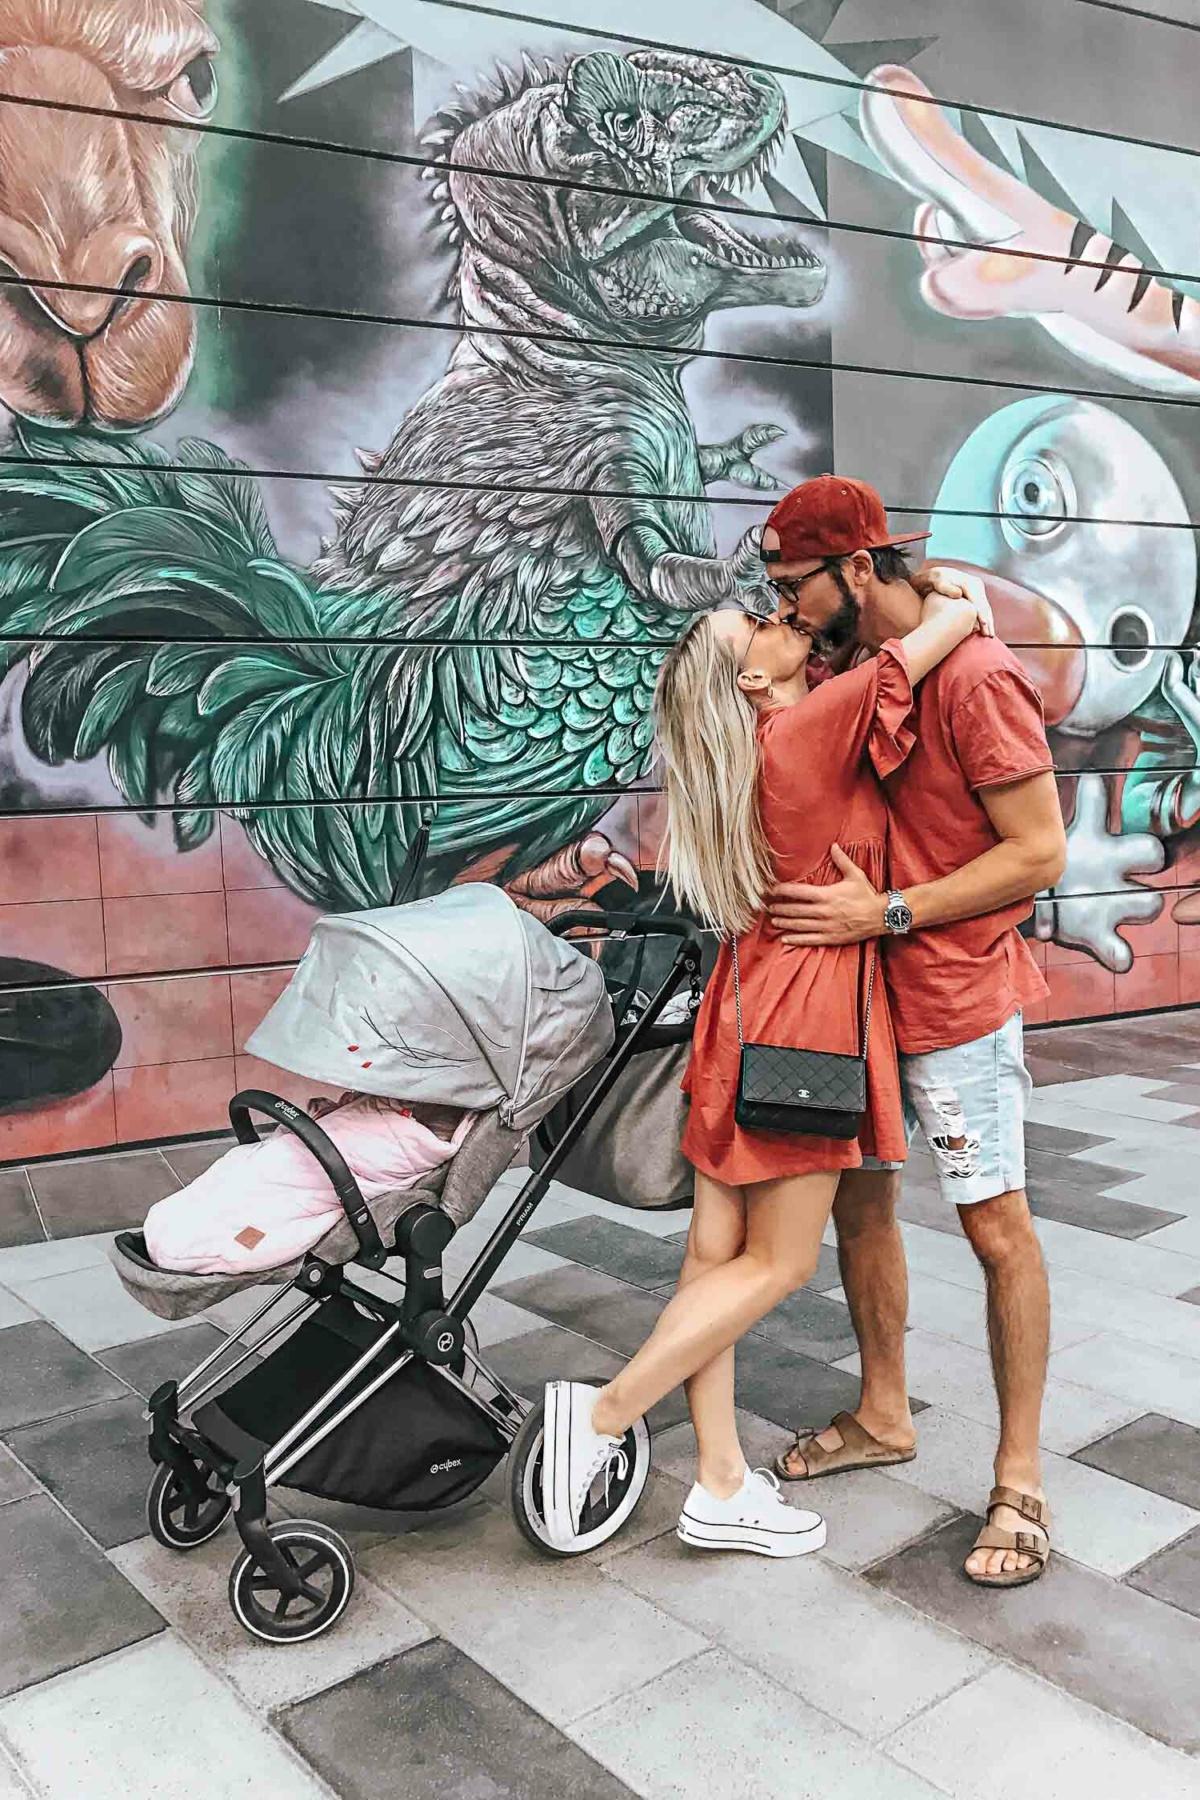 stylingliebe-lifestyleblogger-mamablog-reiseblog-muenchen-travelblog-blogger-deutschland-lifestyleblog-mamablogger-reiseblogger-travelblogger-familienblog-familienurlaub-in-dubai-teil-1-2